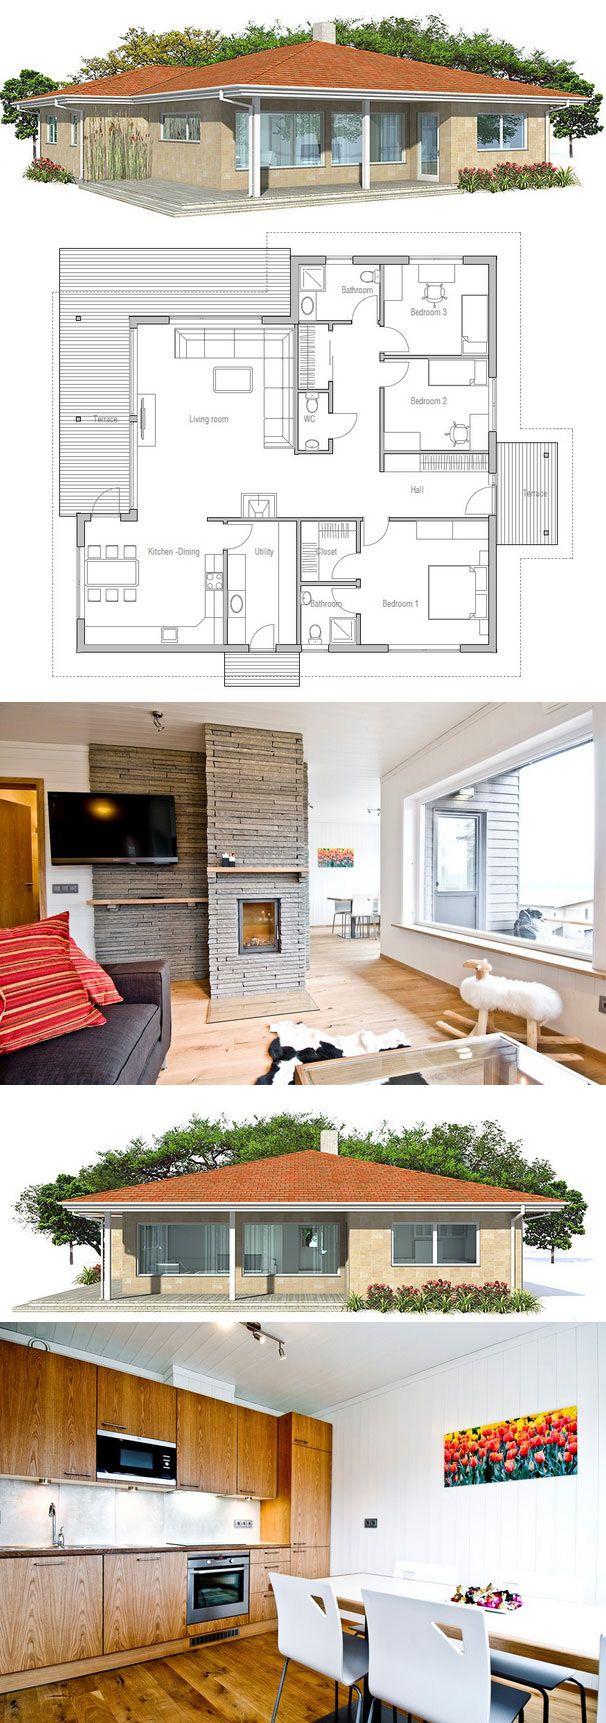 Plan de petite maison petites maisons pinterest architecture house and - Architecture petite maison ...